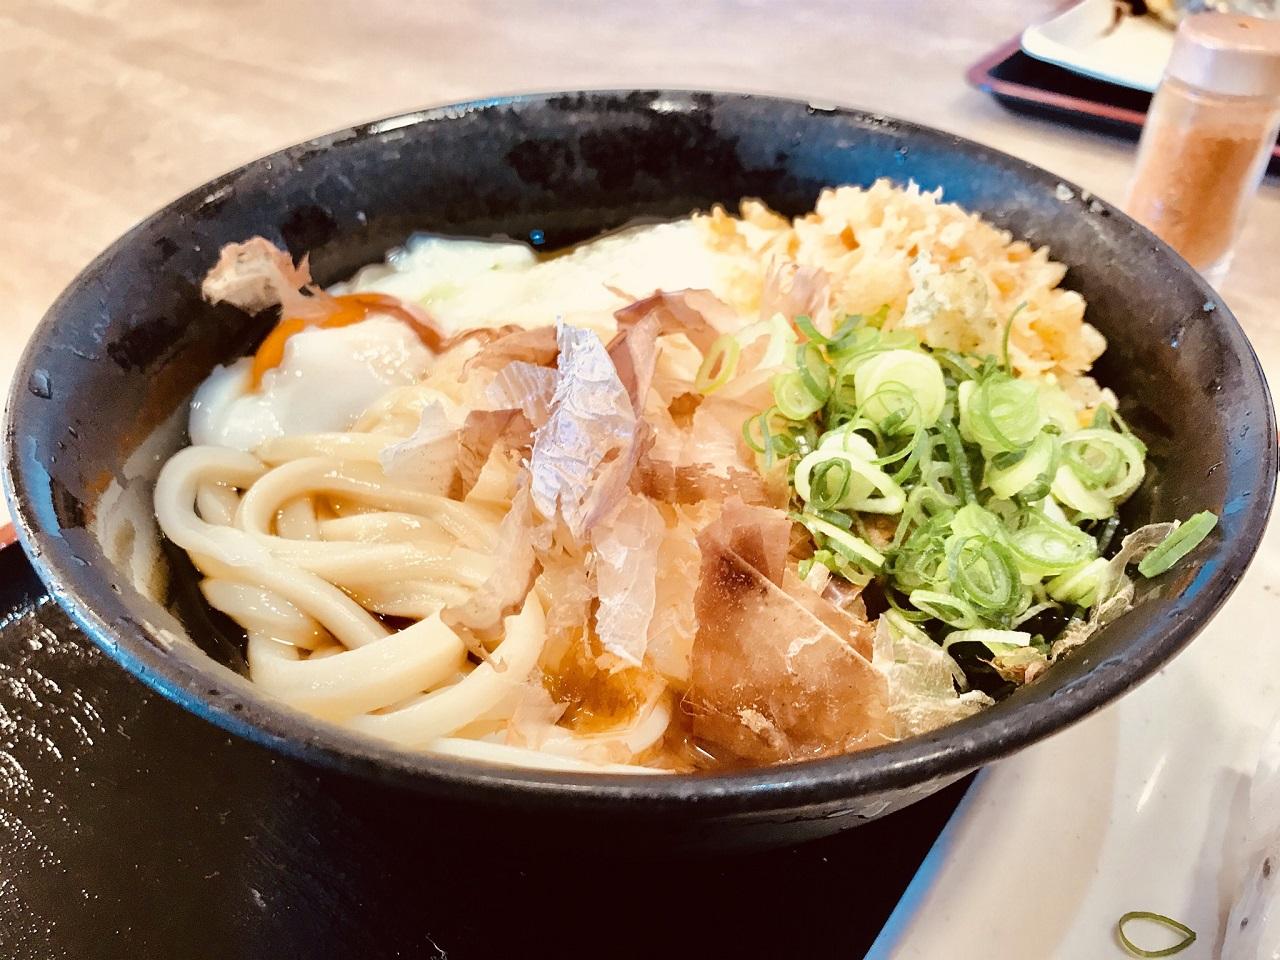 อาหาร จ.คางาวะ (Kagawa) - Sanuki Udon